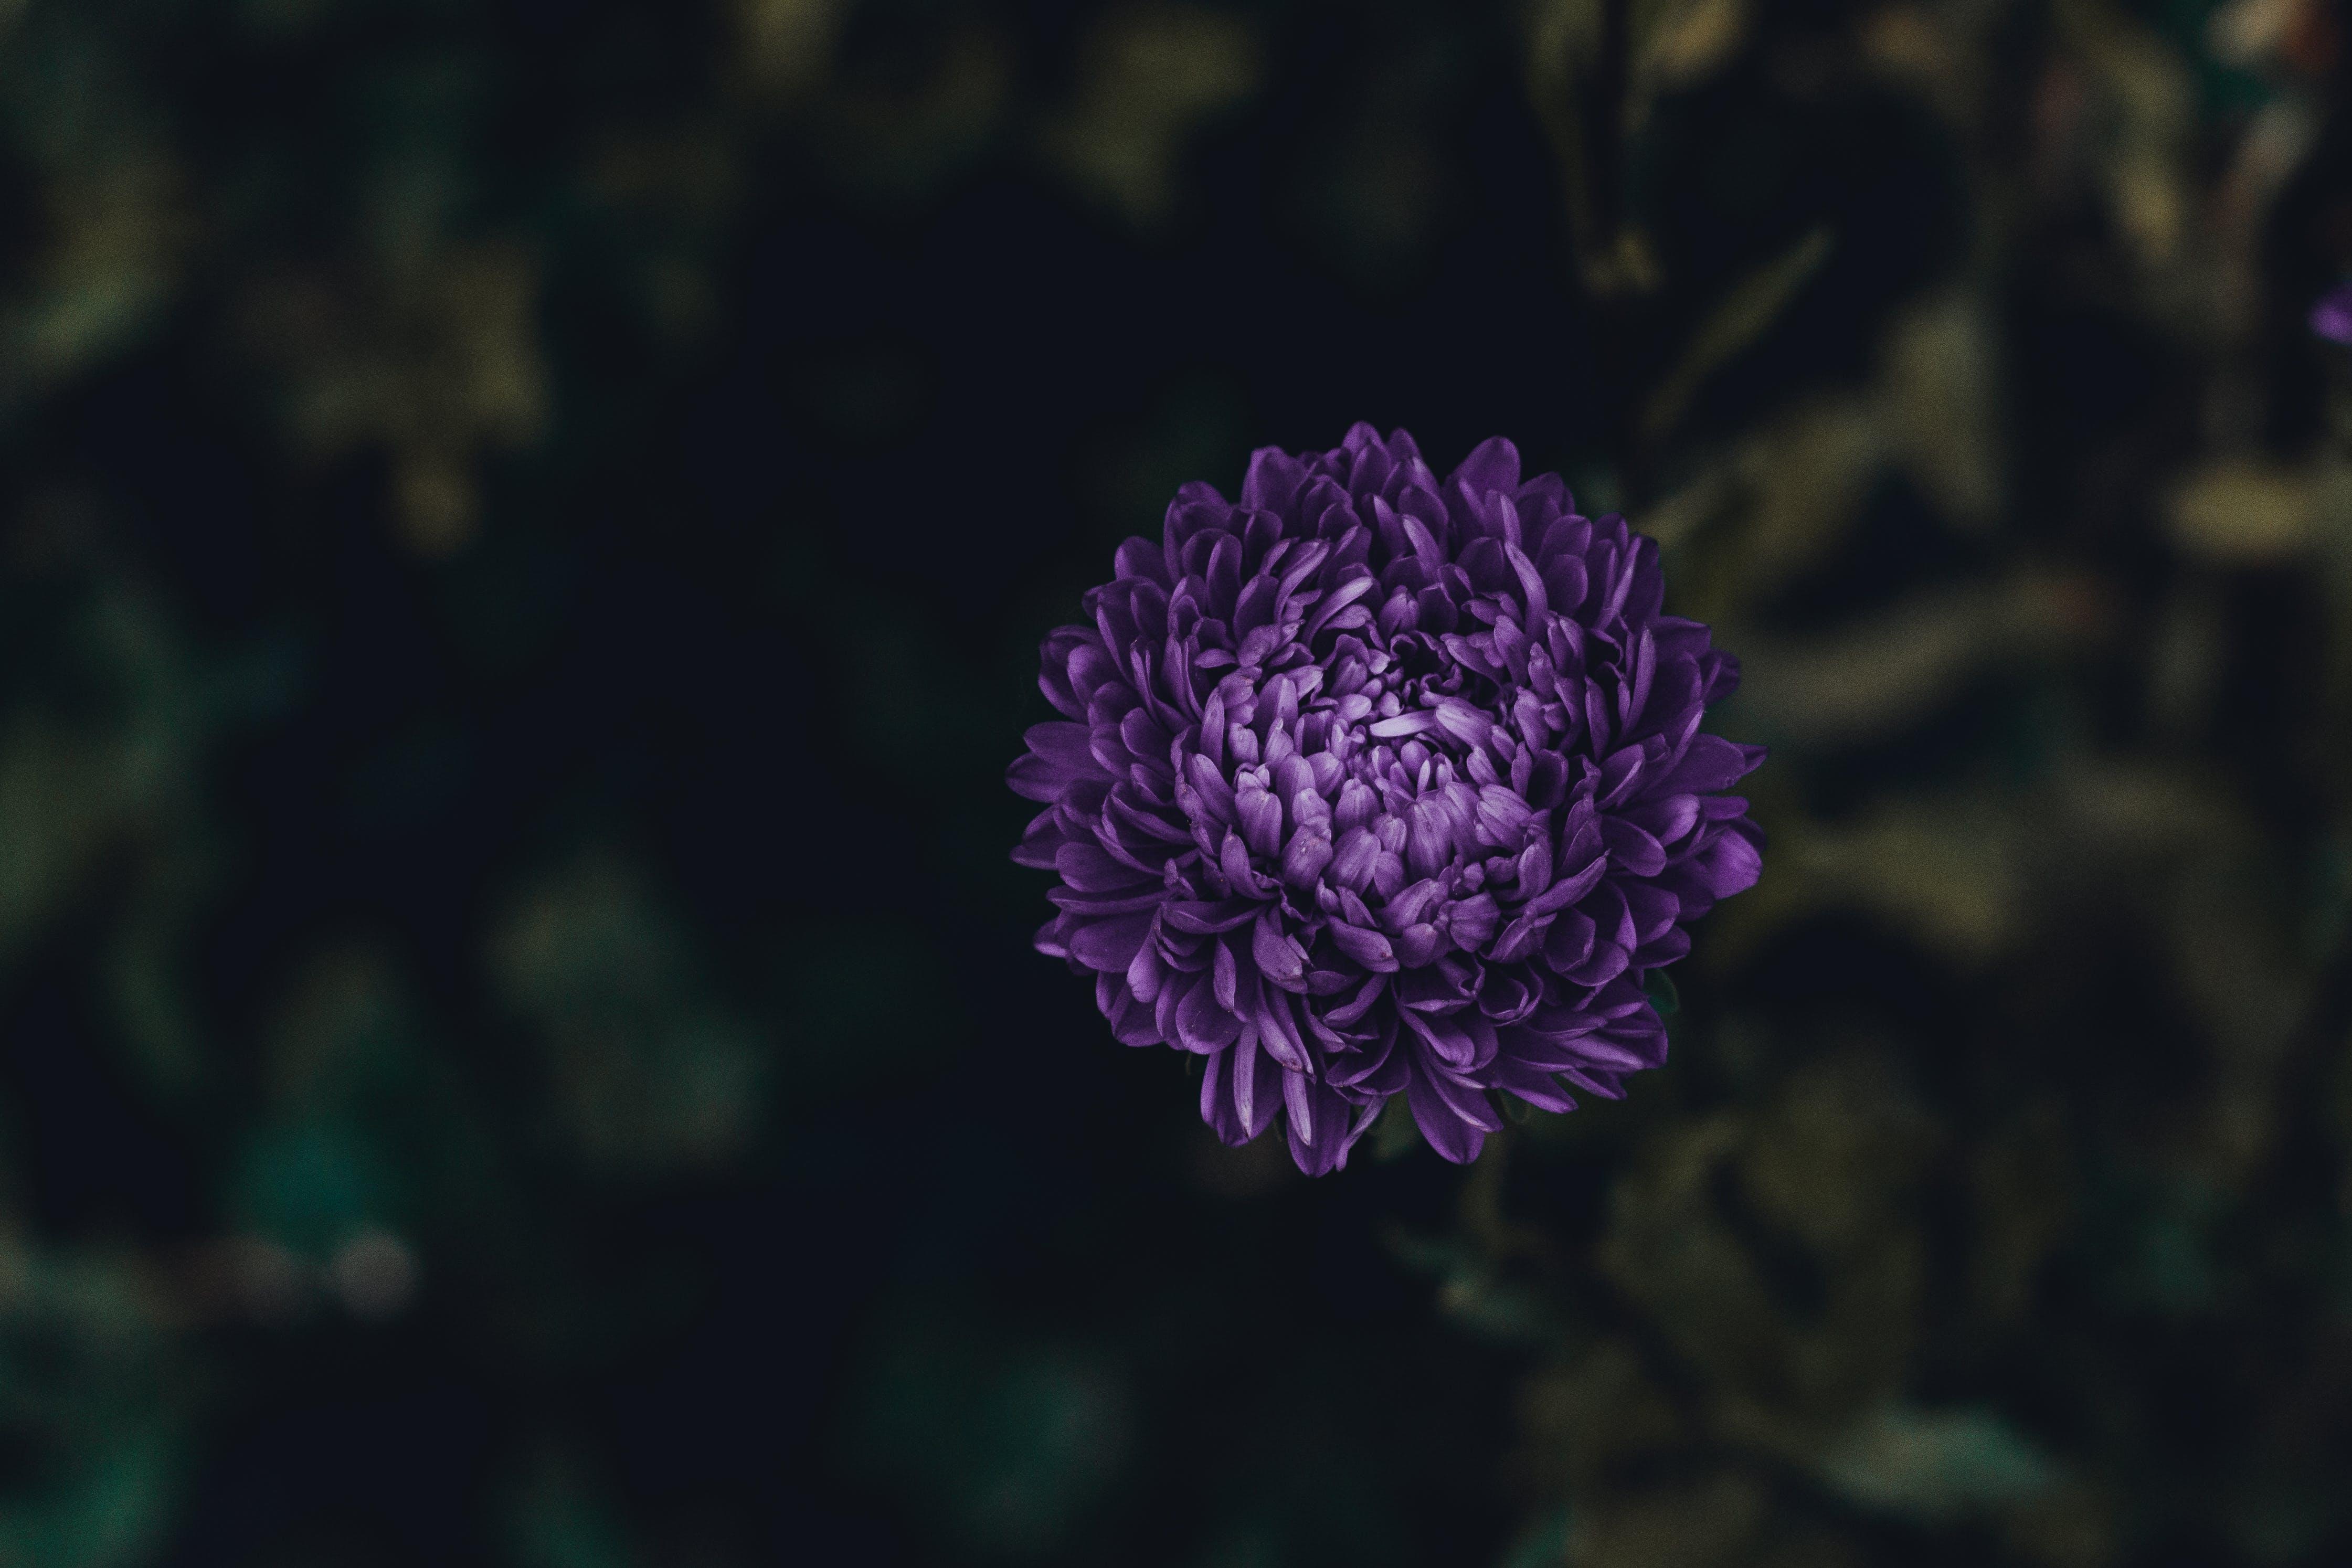 Fotos de stock gratuitas de asteres, flor, flora, floración